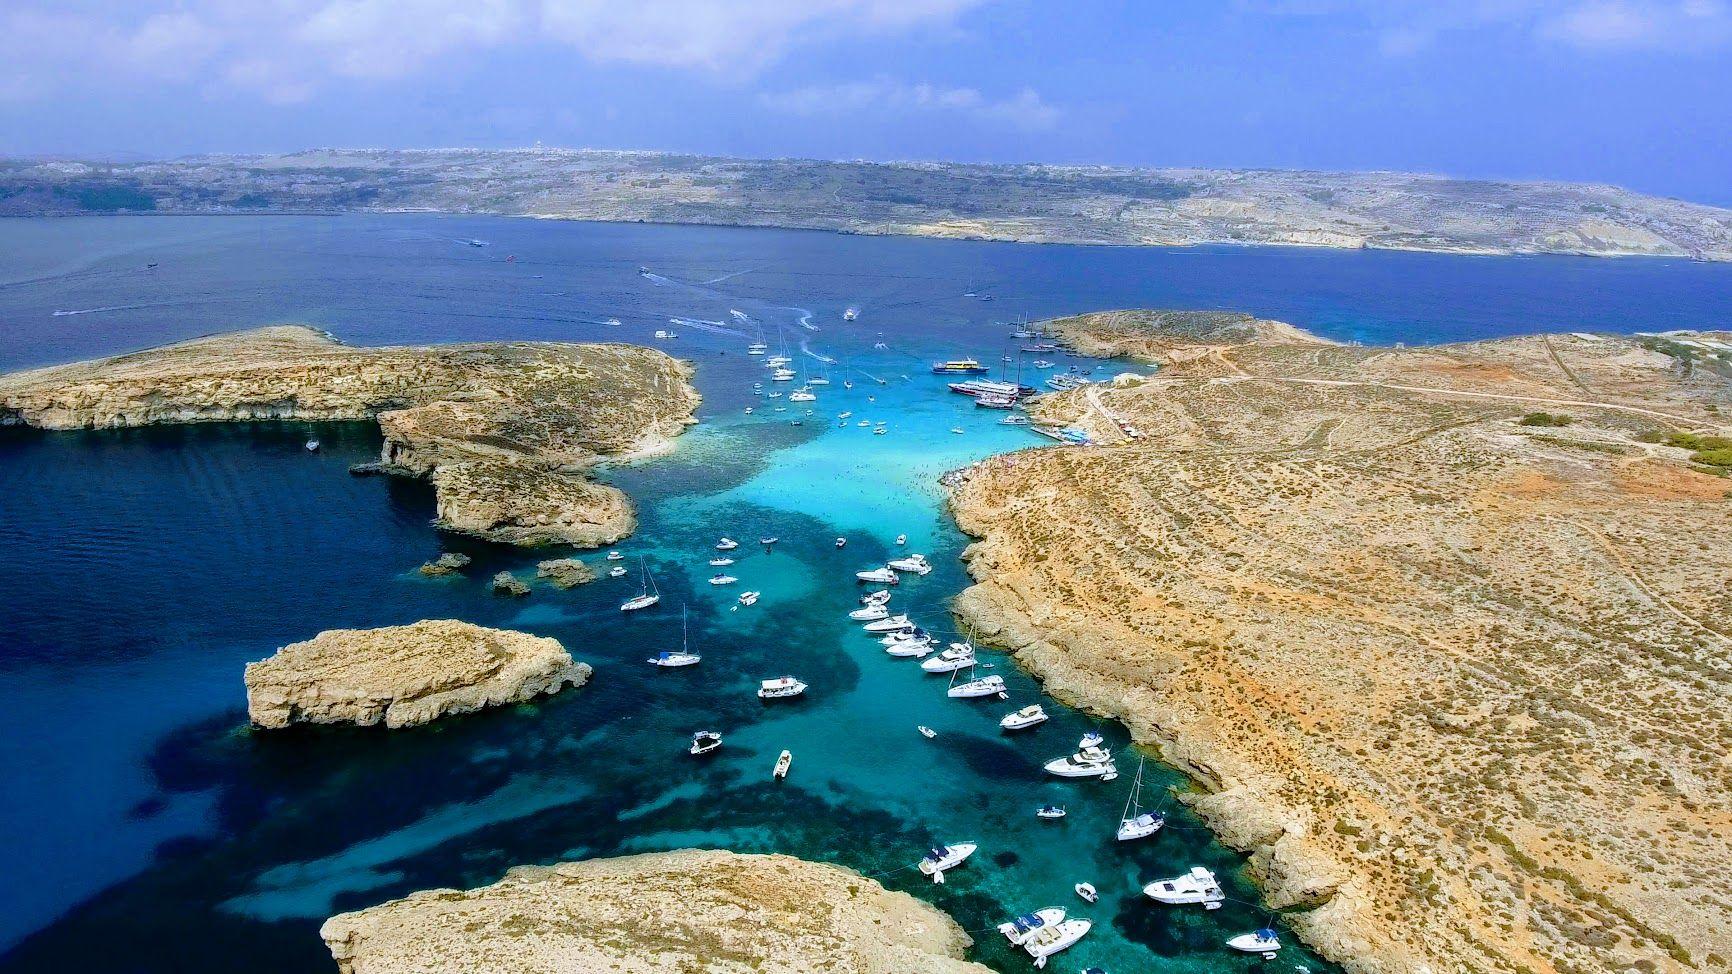 Klasické písčité pláže jsou na Maltě spíše výjimkou. Skalnaté pobřeží je ale rájem fotografů a milovníků nespoutané přírody.